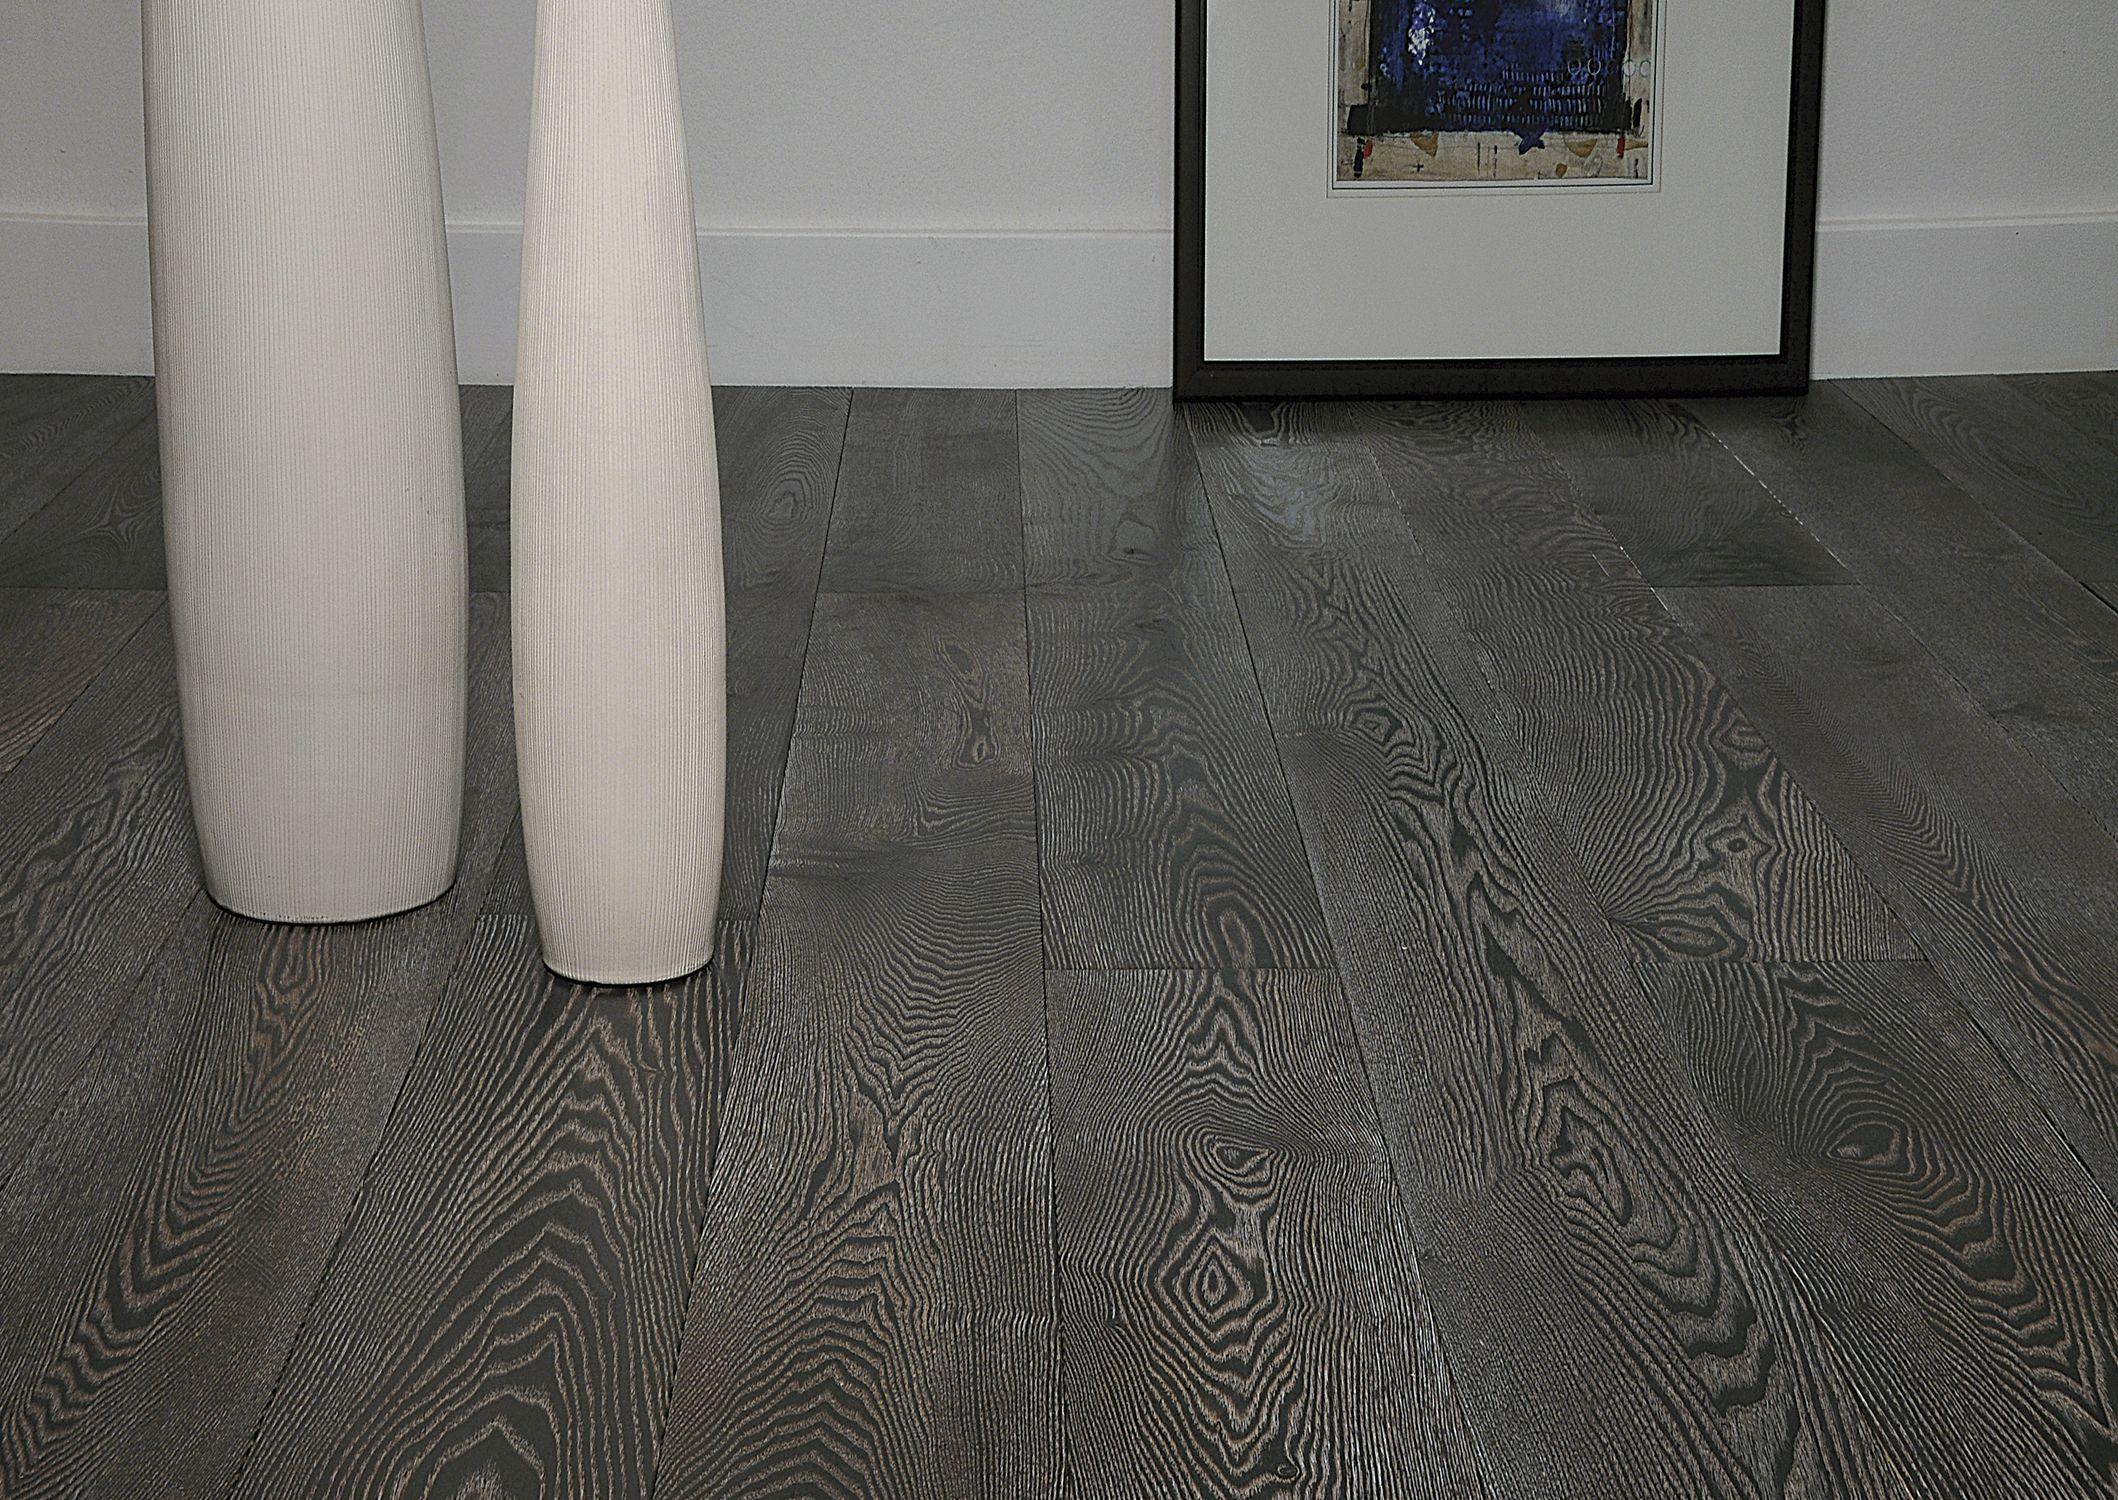 Pisos de madera estructurada colores oscuros.